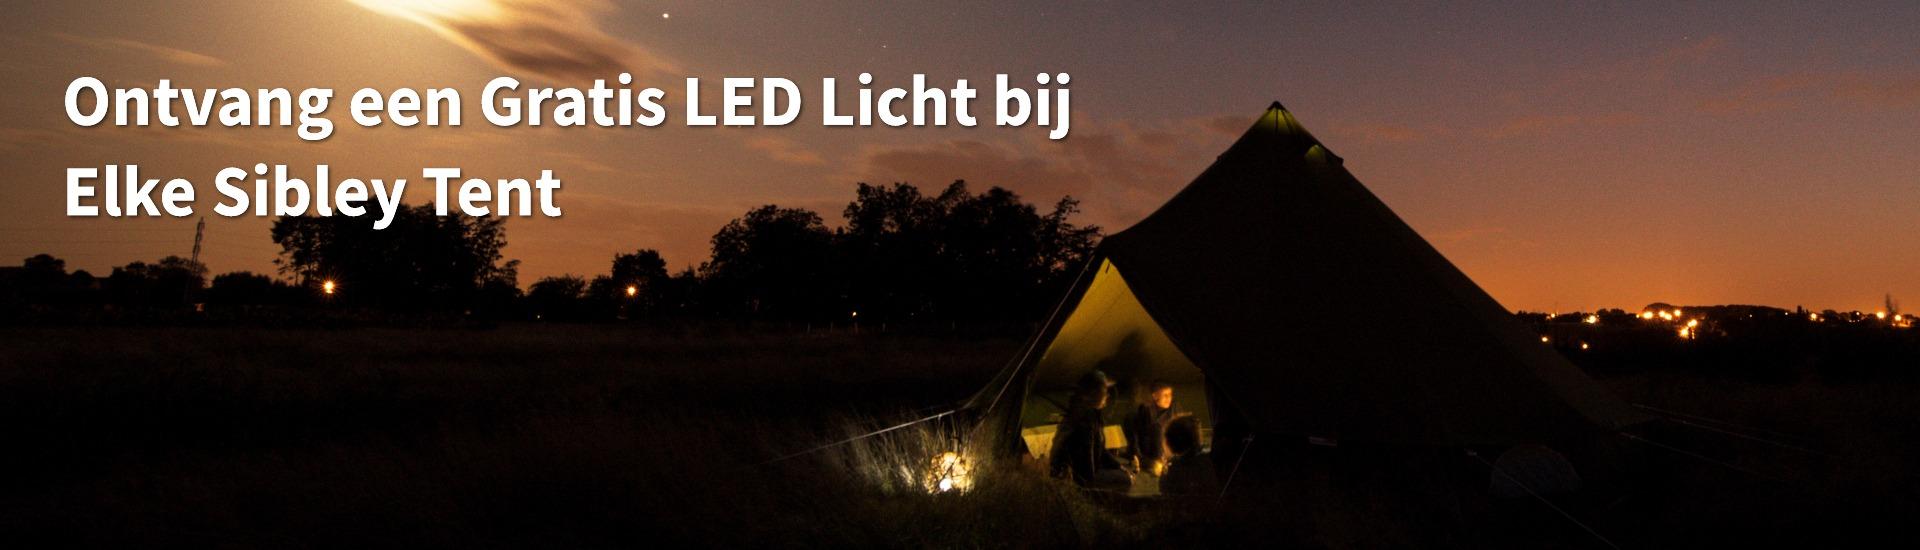 Gratis LED licht promo bell tenten